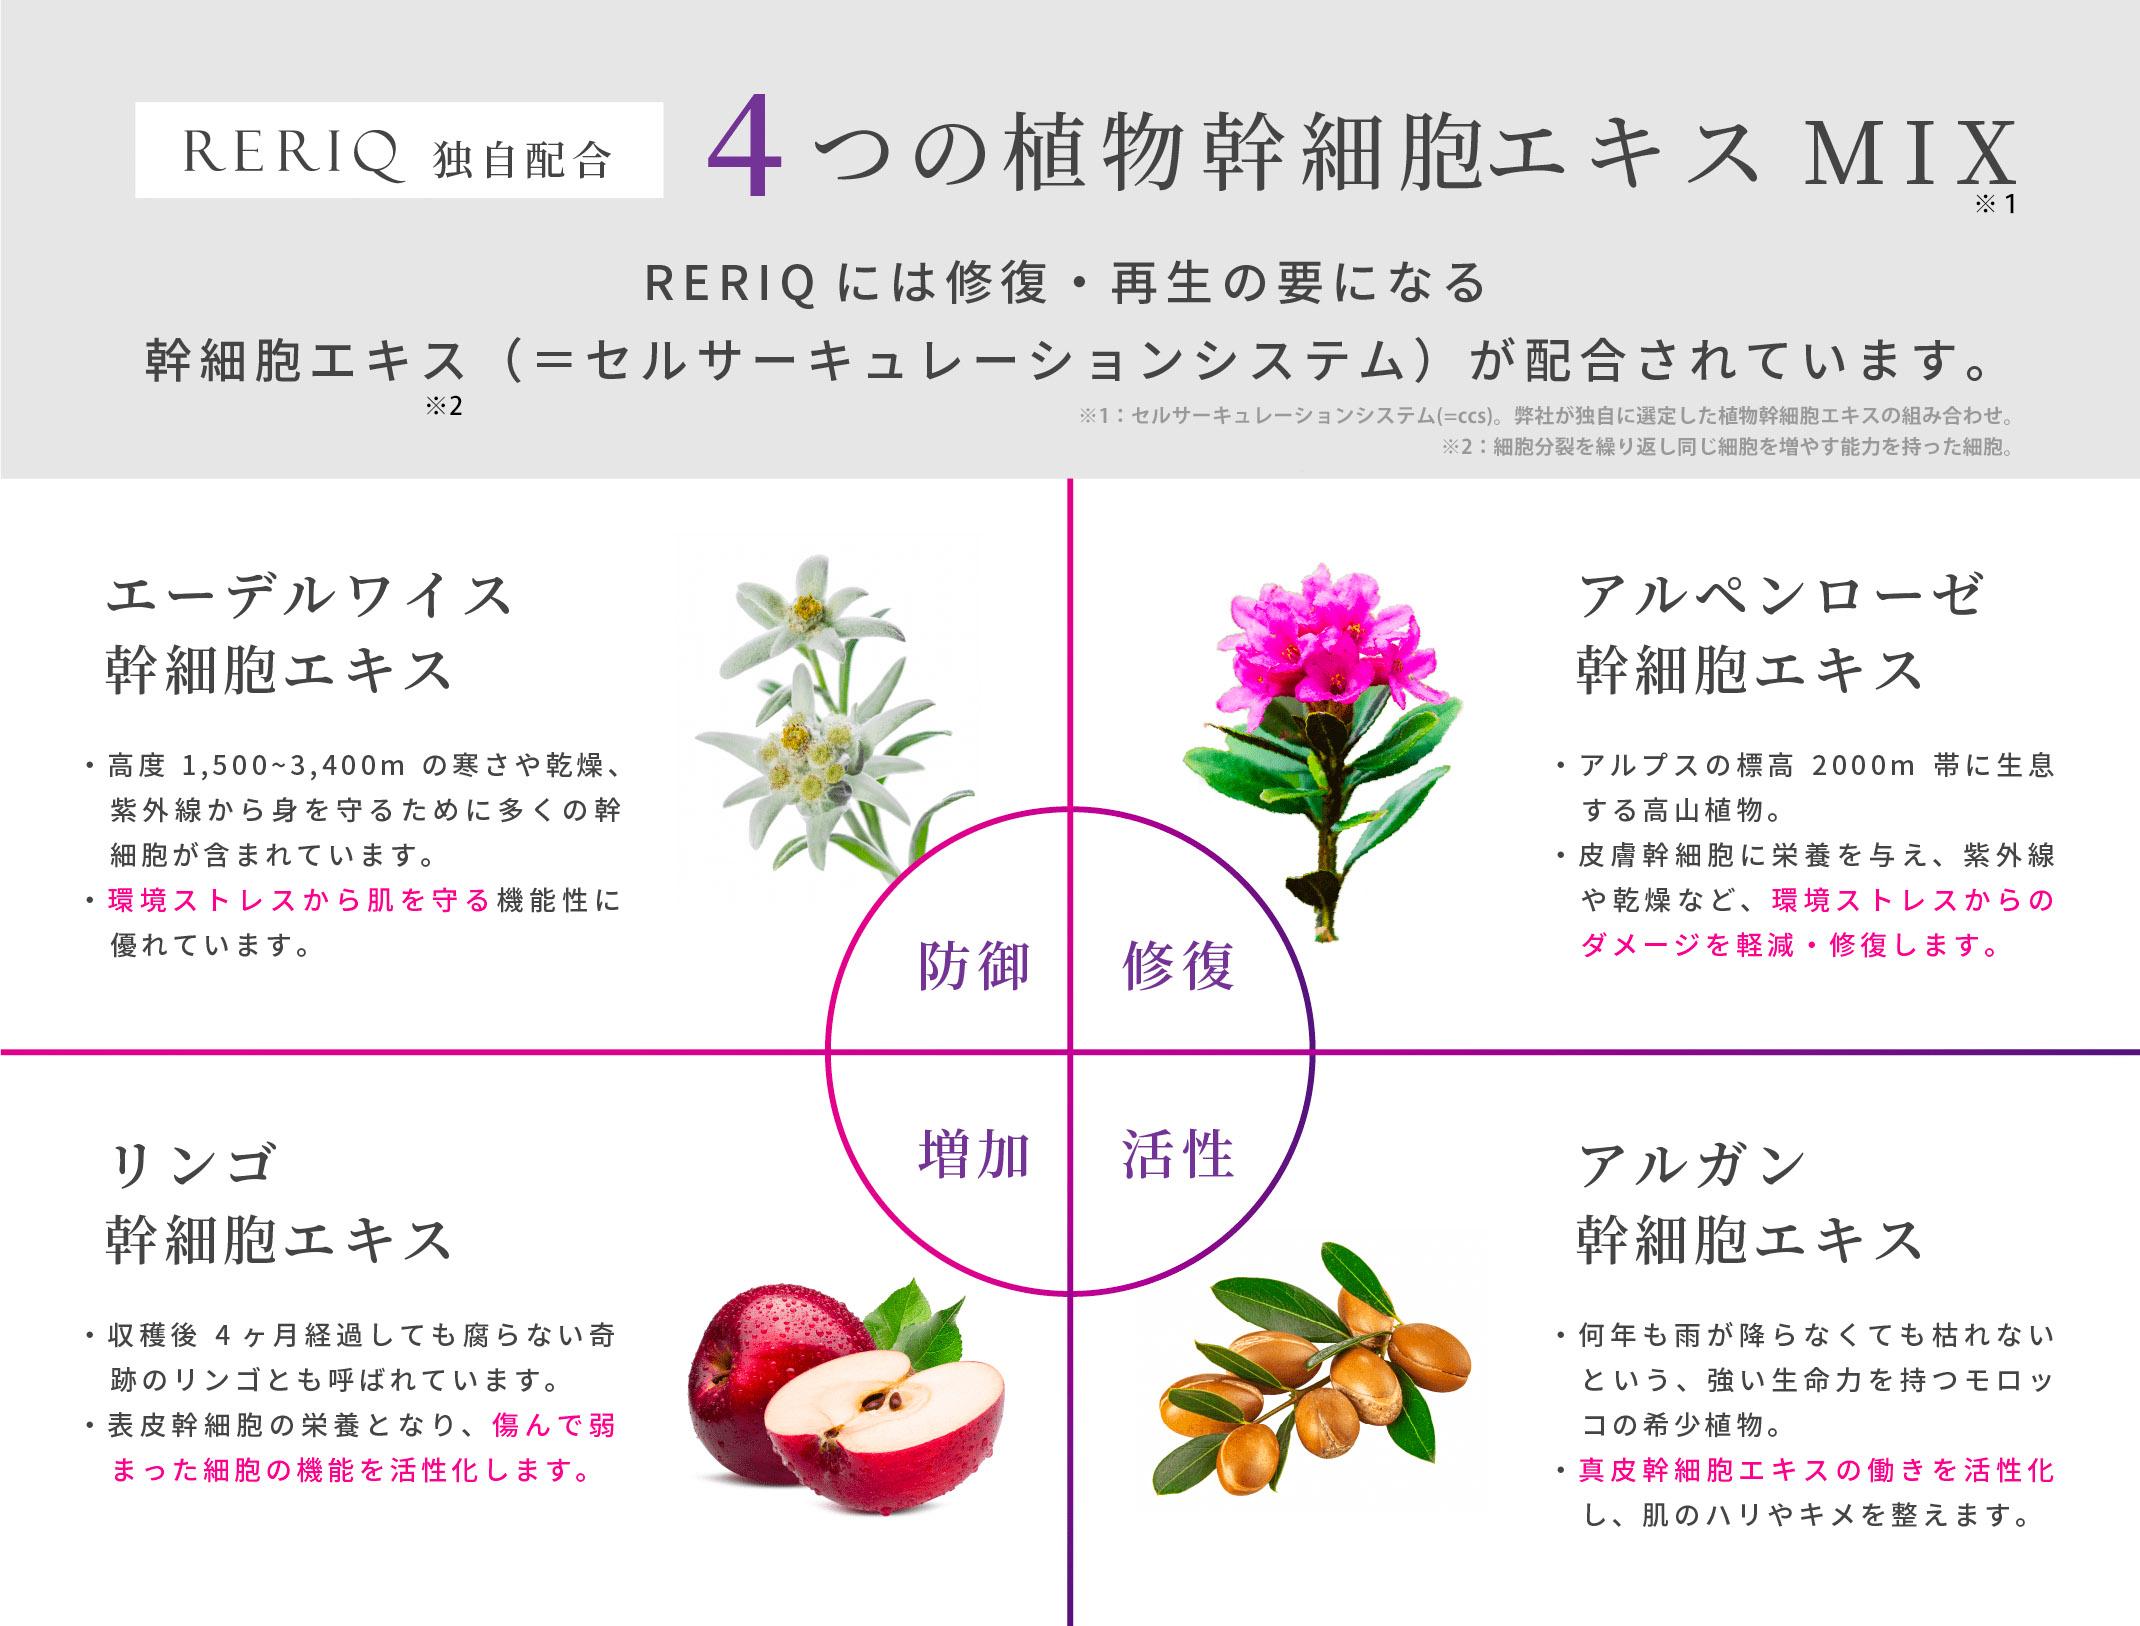 肌の未来を支える植物幹細胞MIX